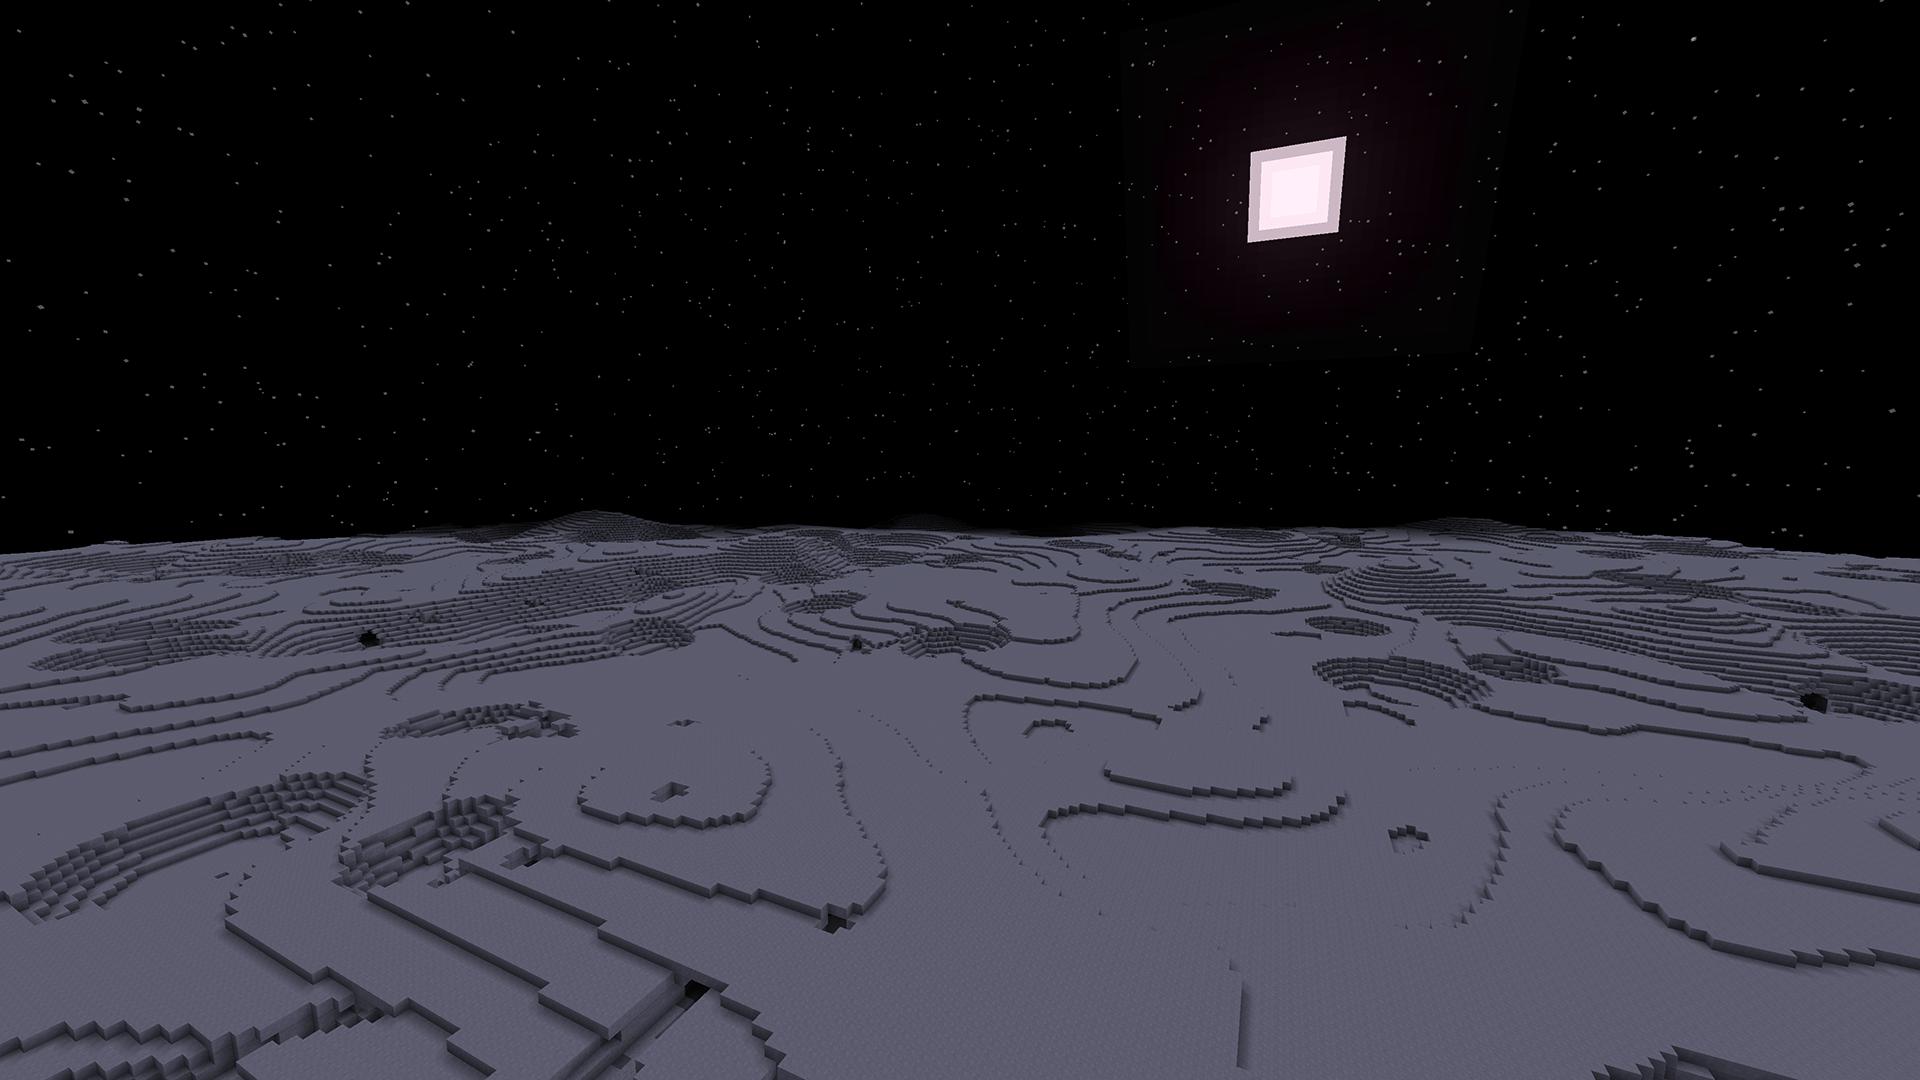 упавшие метеориты в майнкрафте галактик кравт #6